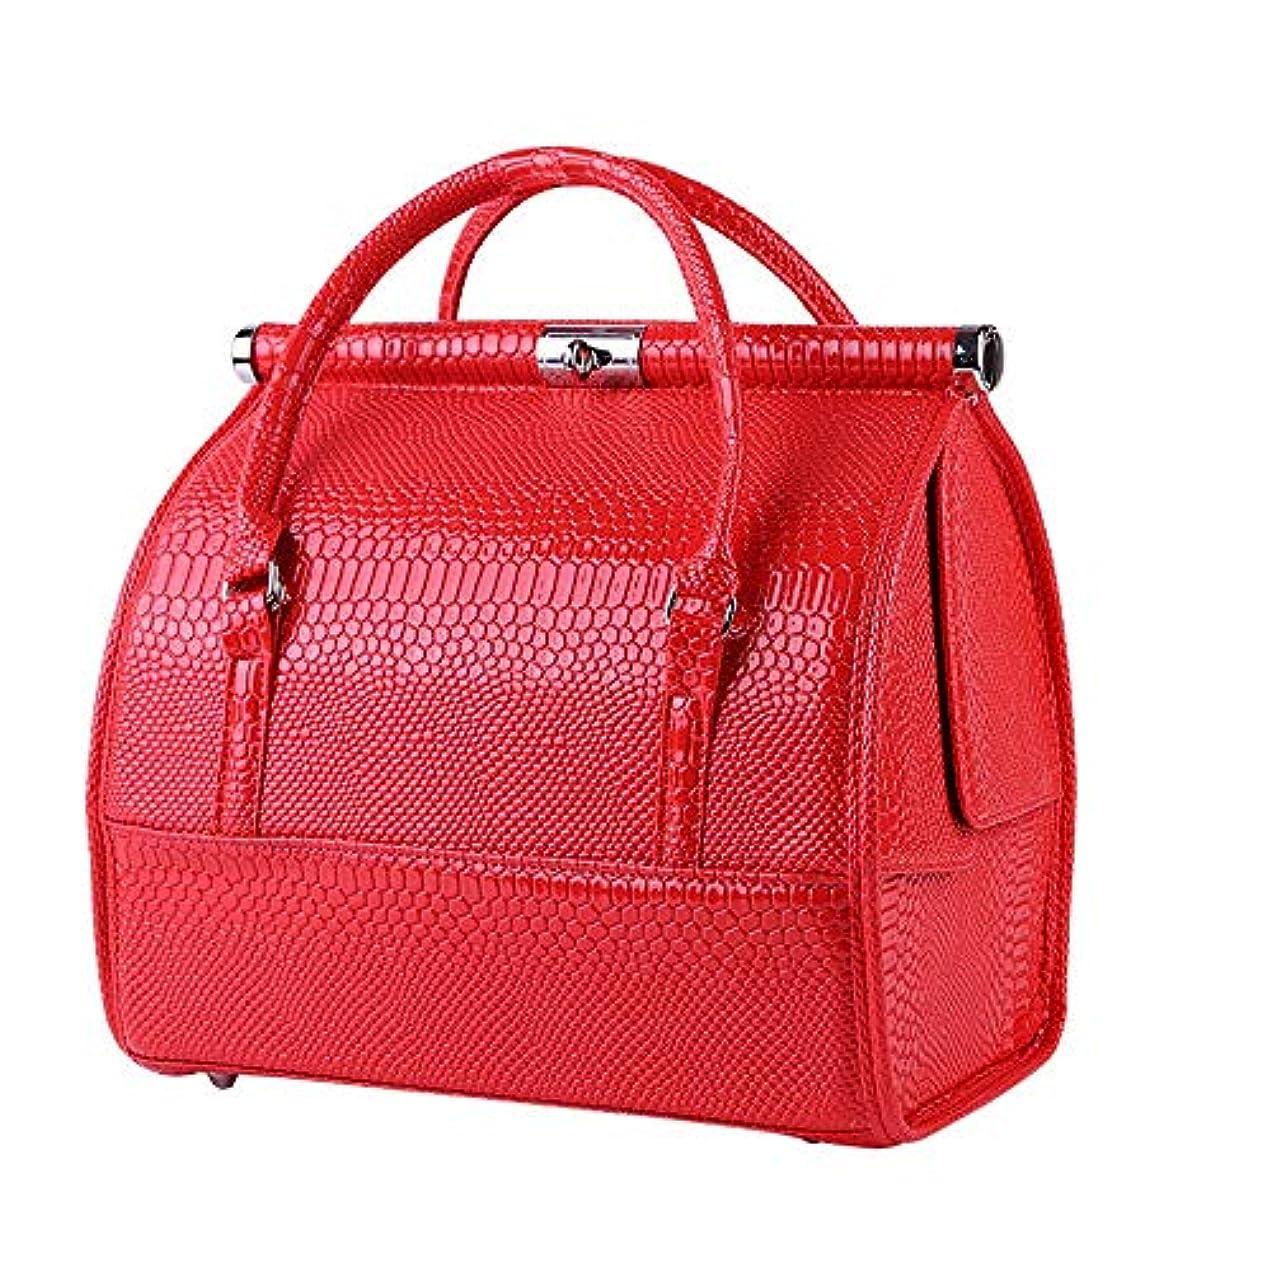 革命カーフ宿泊施設化粧オーガナイザーバッグ 女性の女性のための美容メイクアップのためのポータブル化粧品バッグ旅行と折り畳みトレイで毎日のストレージ 化粧品ケース